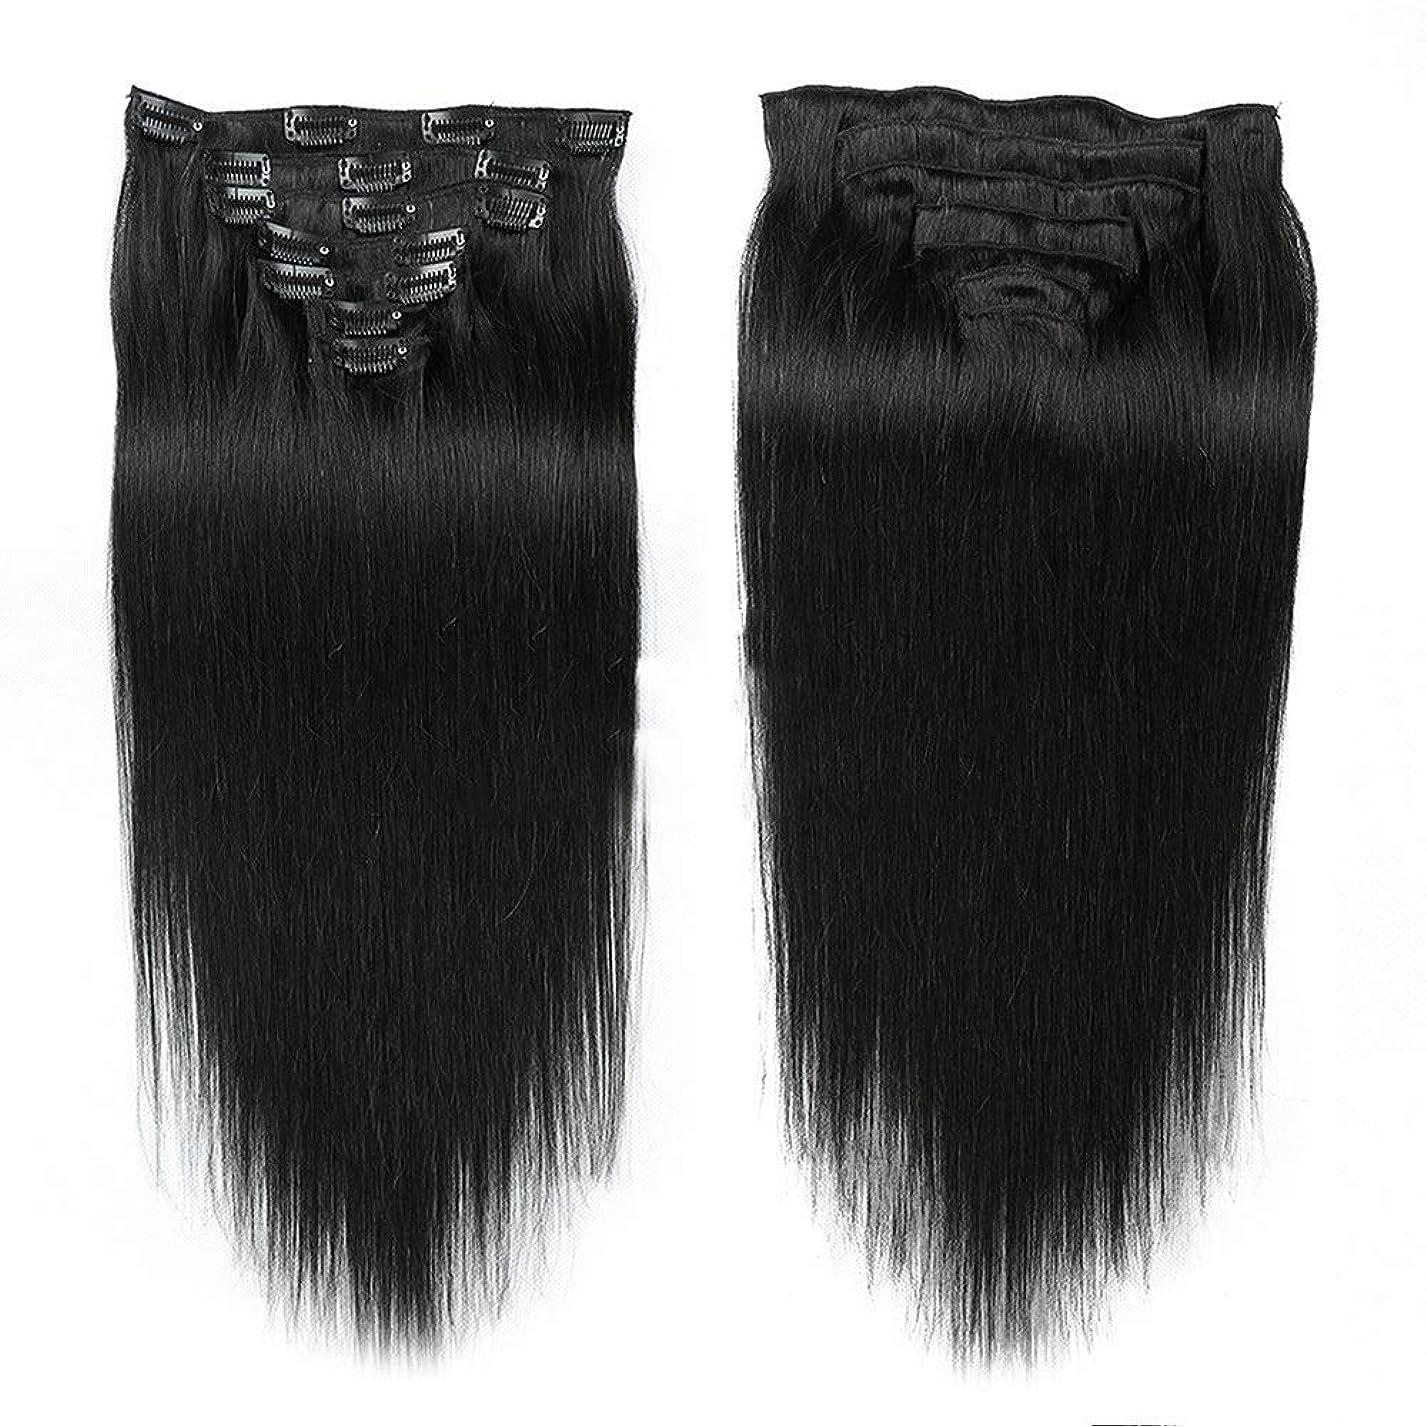 半円博物館脅かすHOHYLLYA 14インチ7ピースクリップ人間の髪の拡張子 - #1Bナチュラルブラックカラーストレートヘアピースロールプレイングかつら女性の自然なかつら (色 : #1B Natural Black)